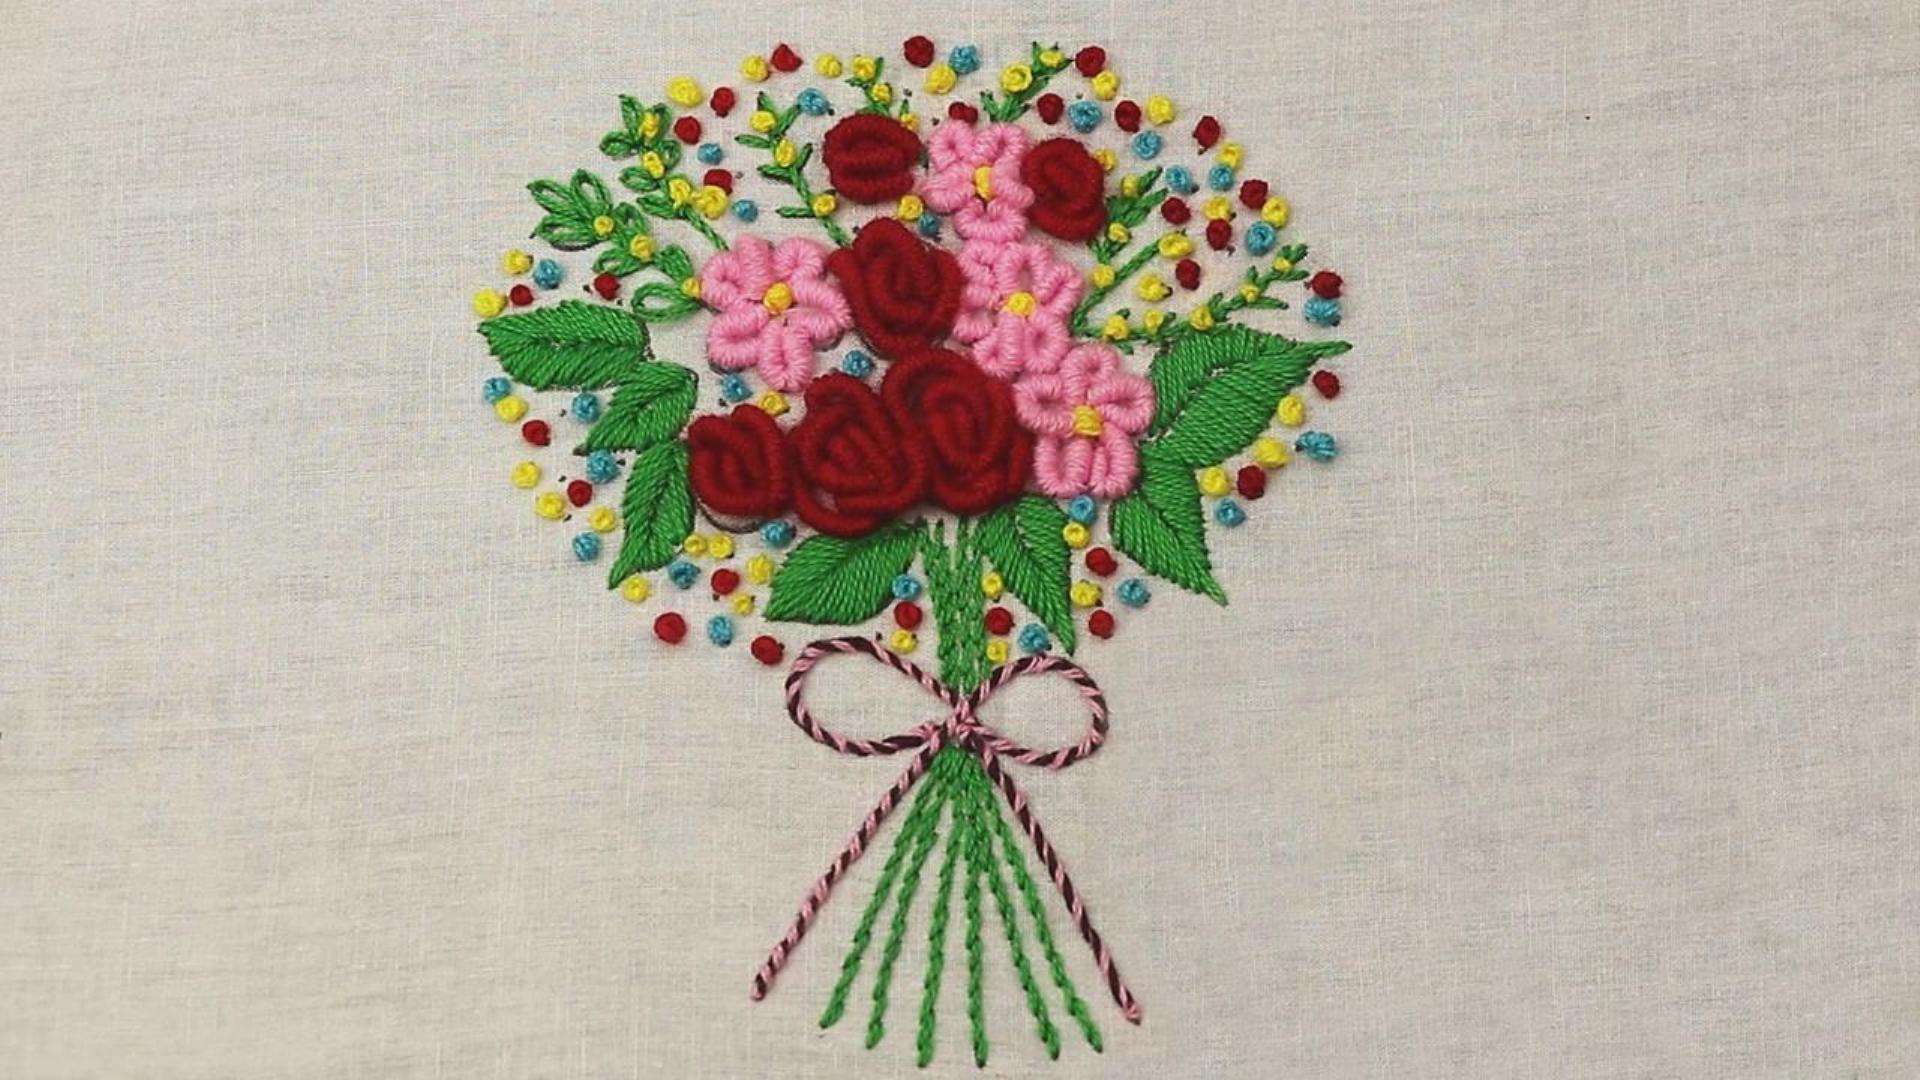 手工刺绣教程,手捧花束图案的刺绣方法!